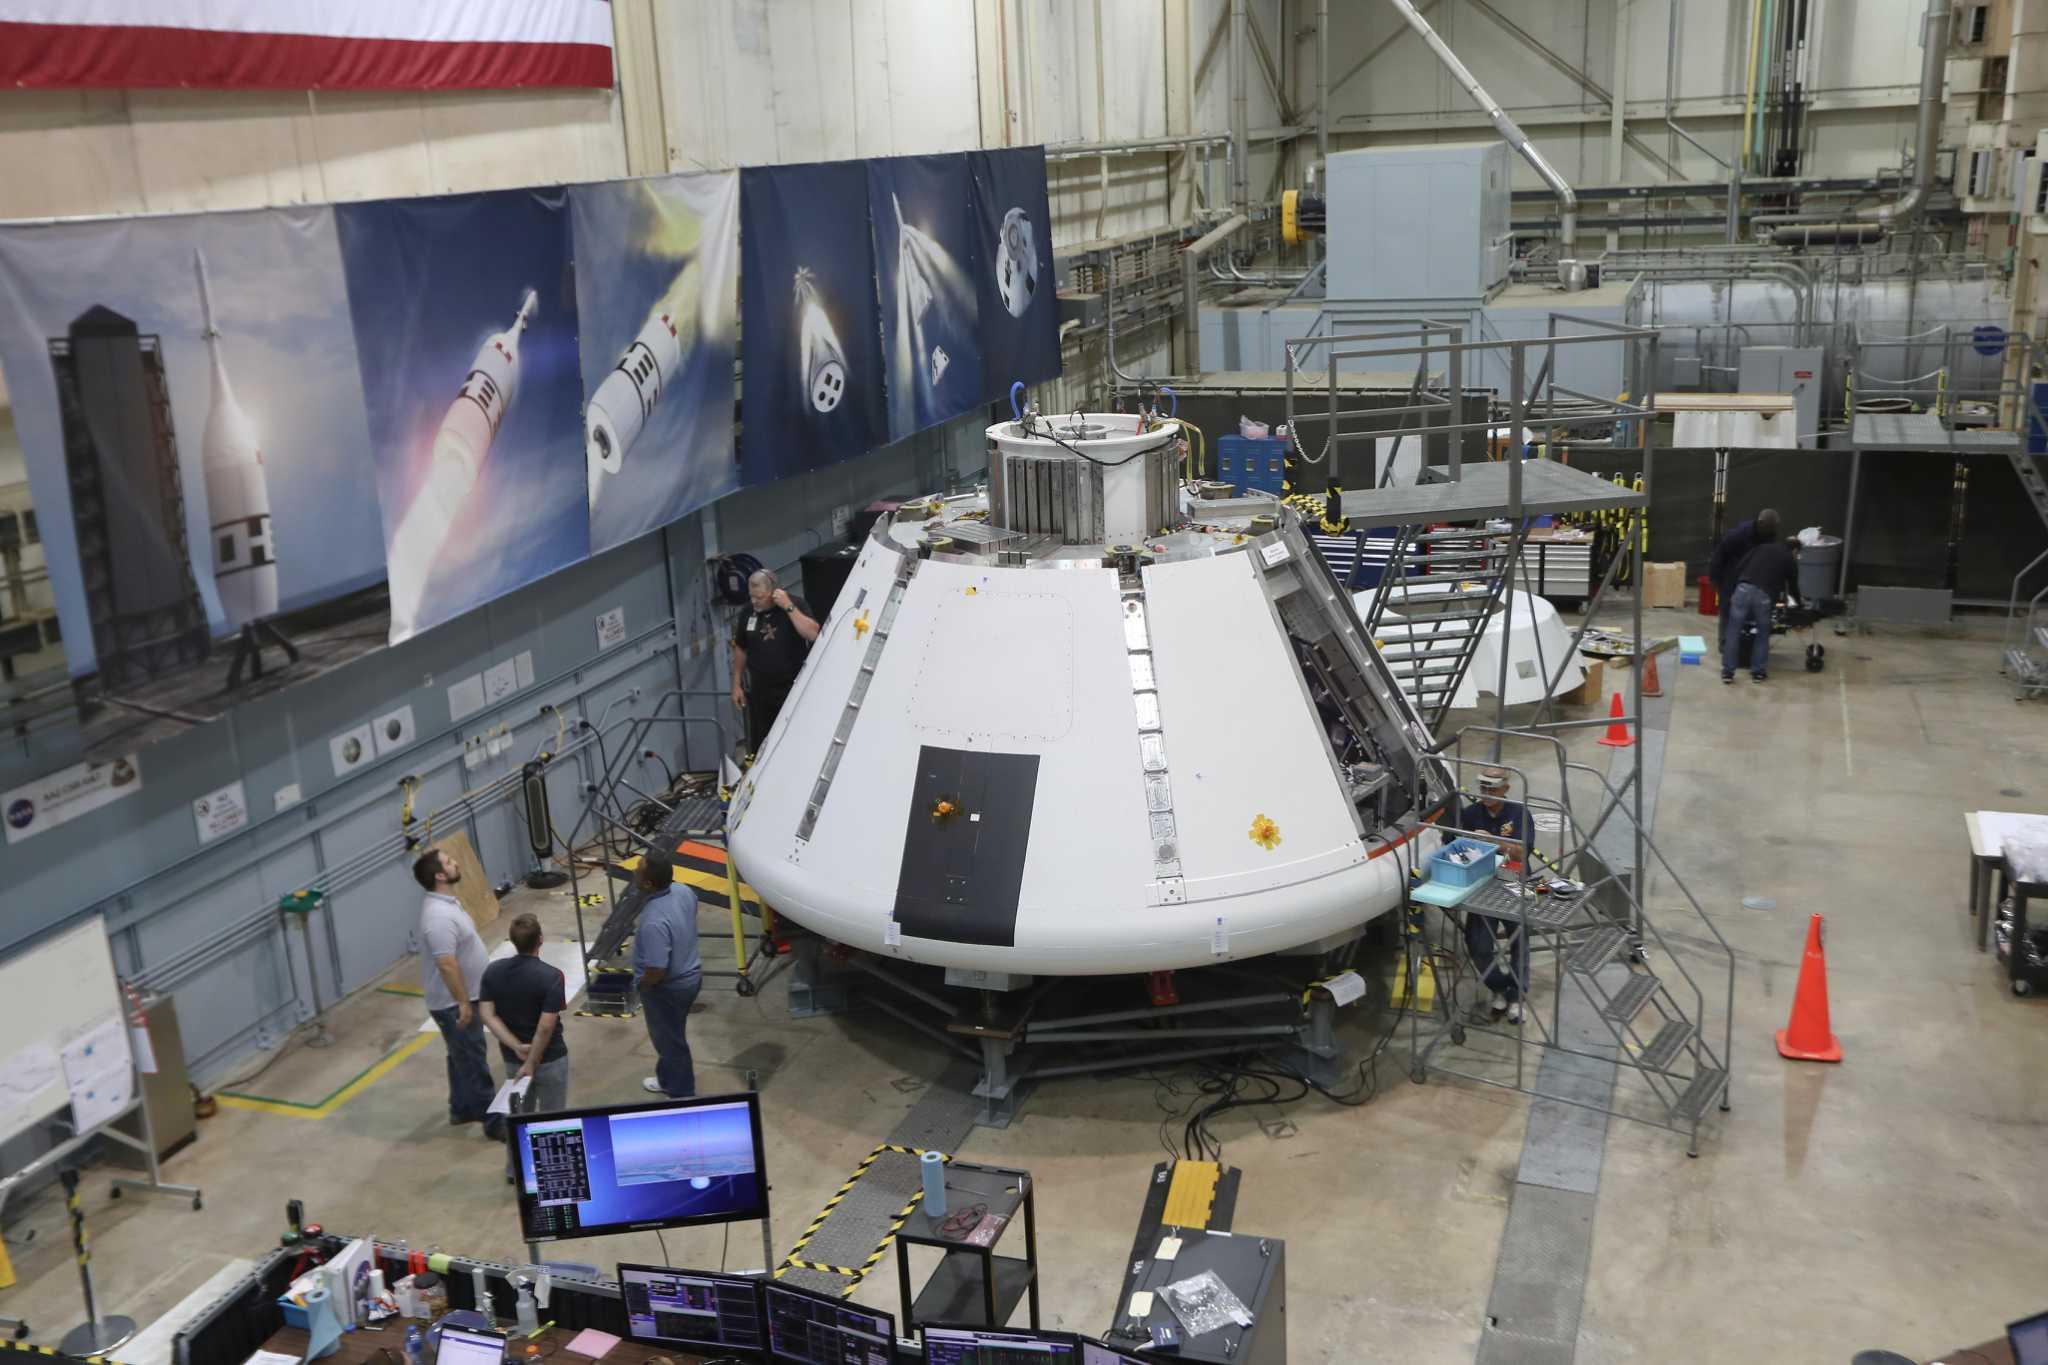 La sonda espacial Orion de la NASA está lista para volar a la Luna.